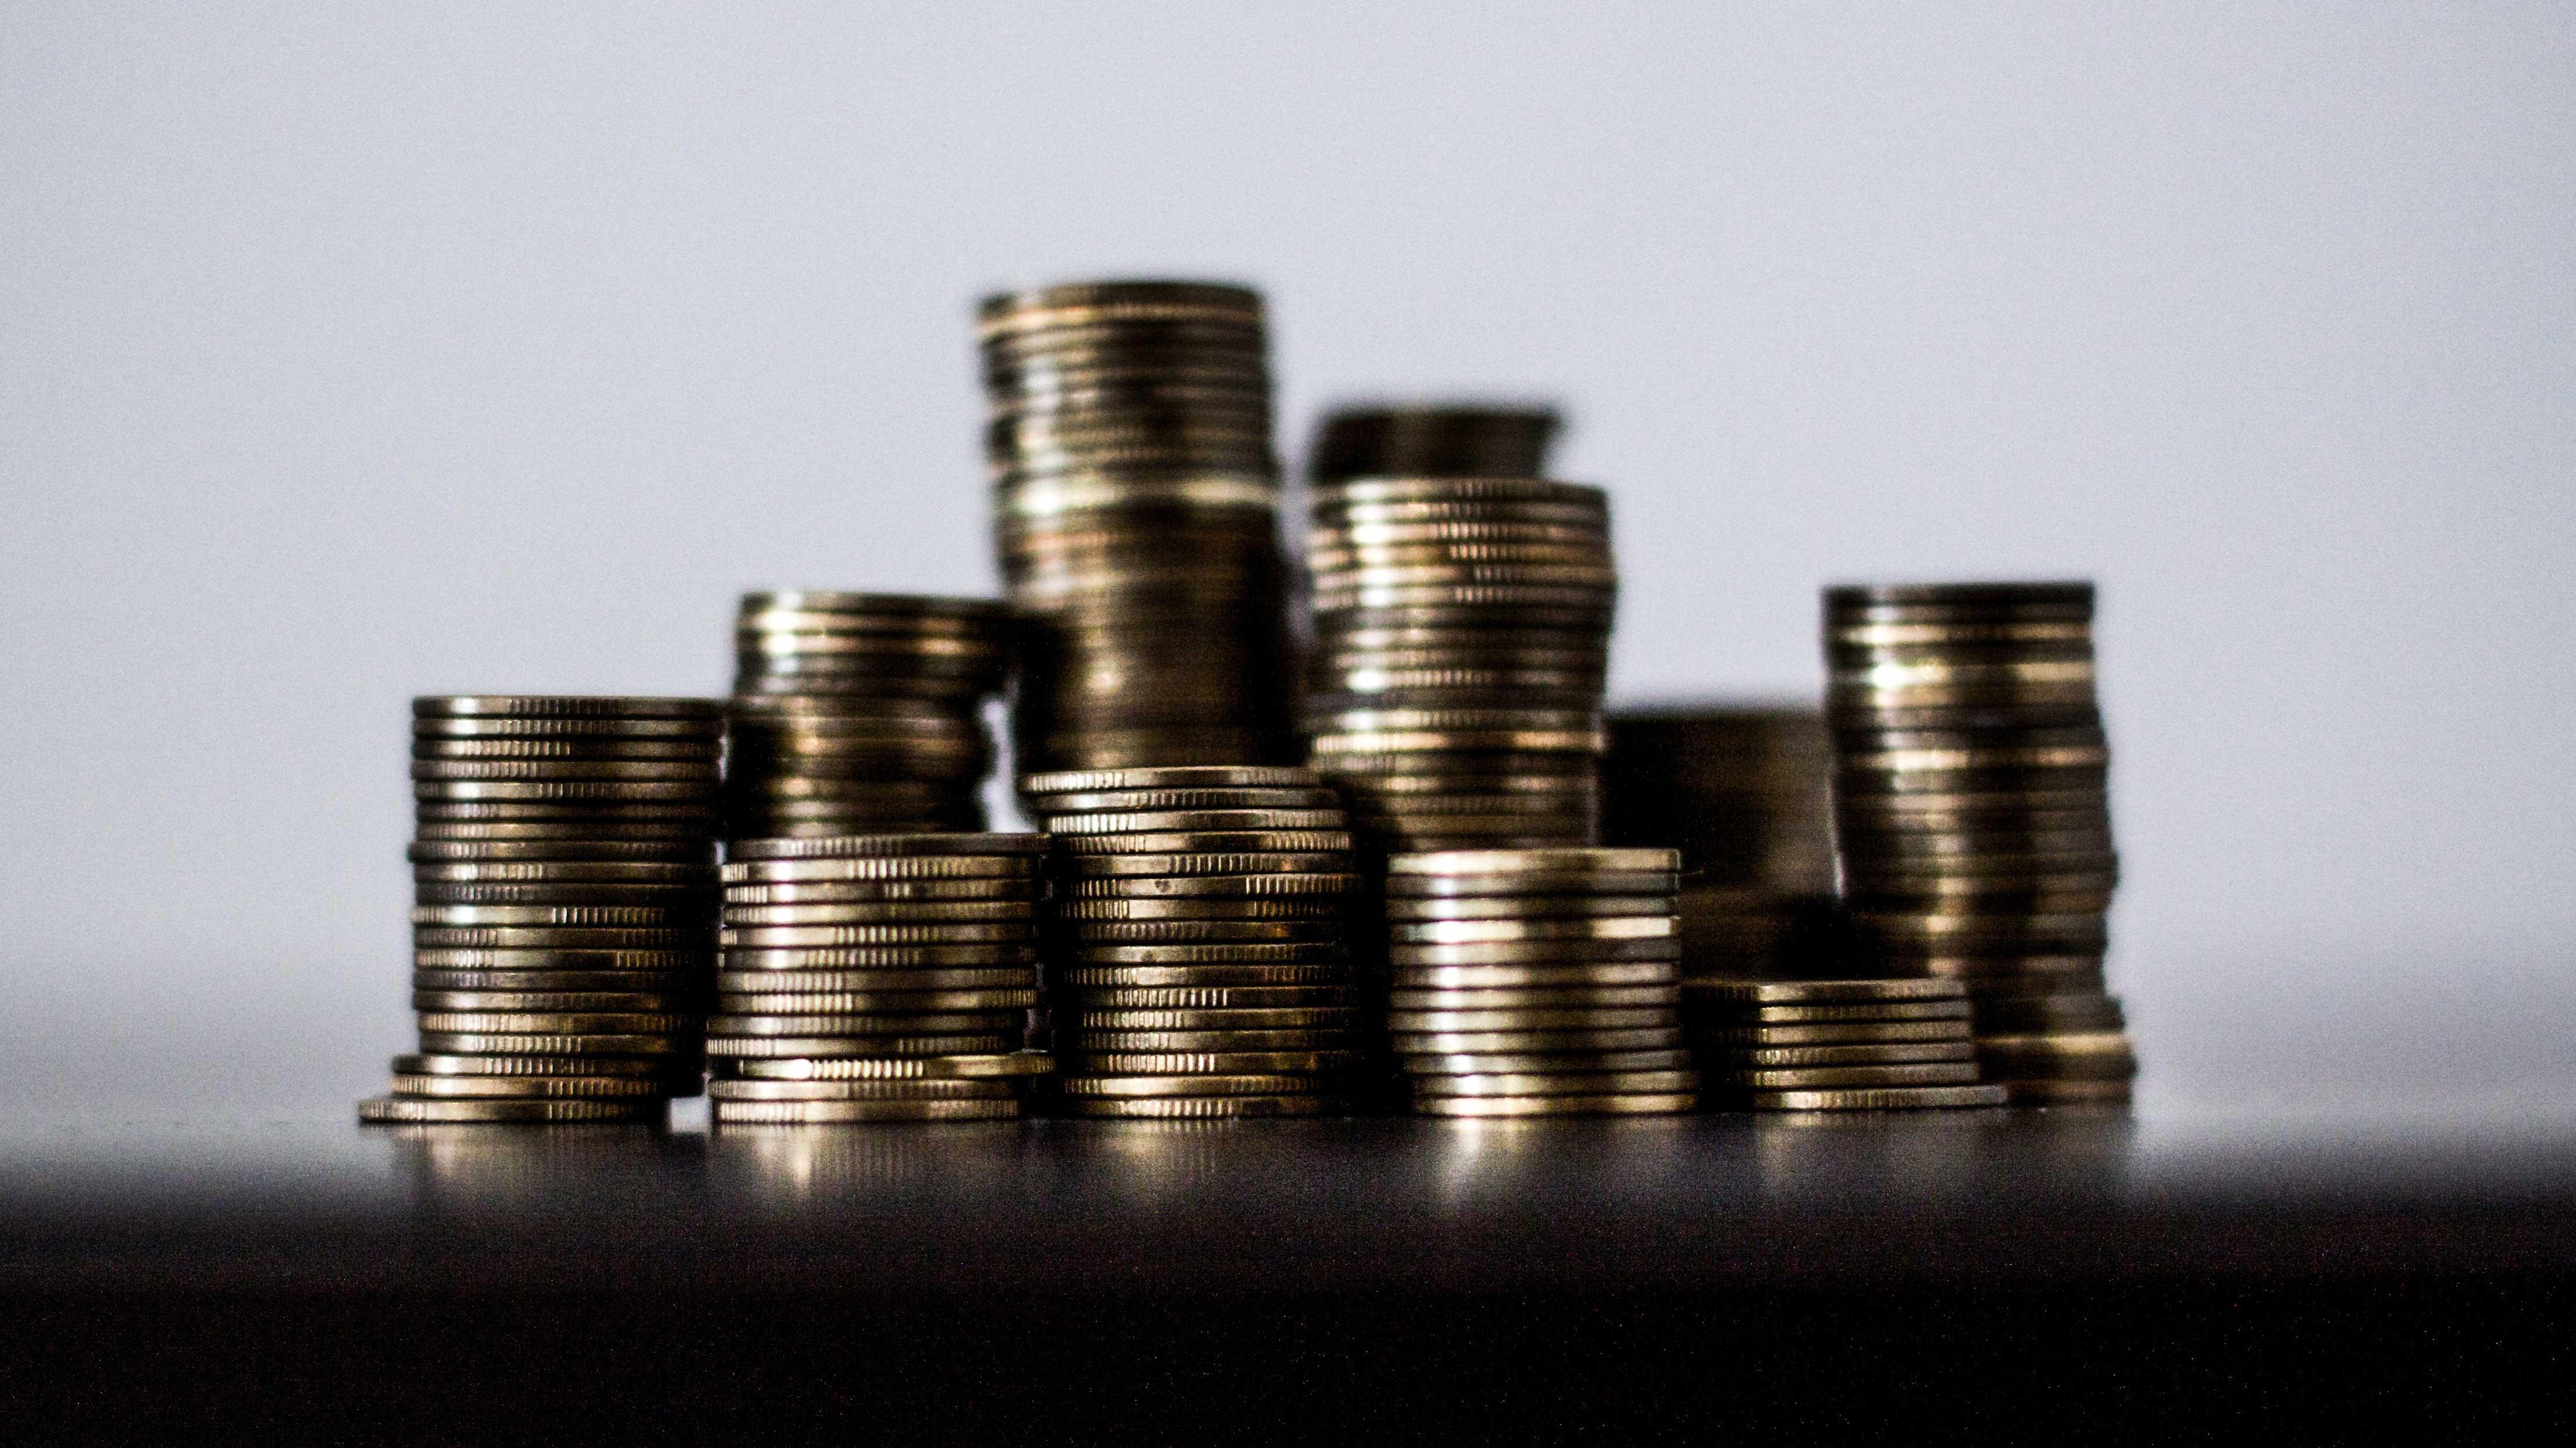 Pilha de moedas formando pequenas torres